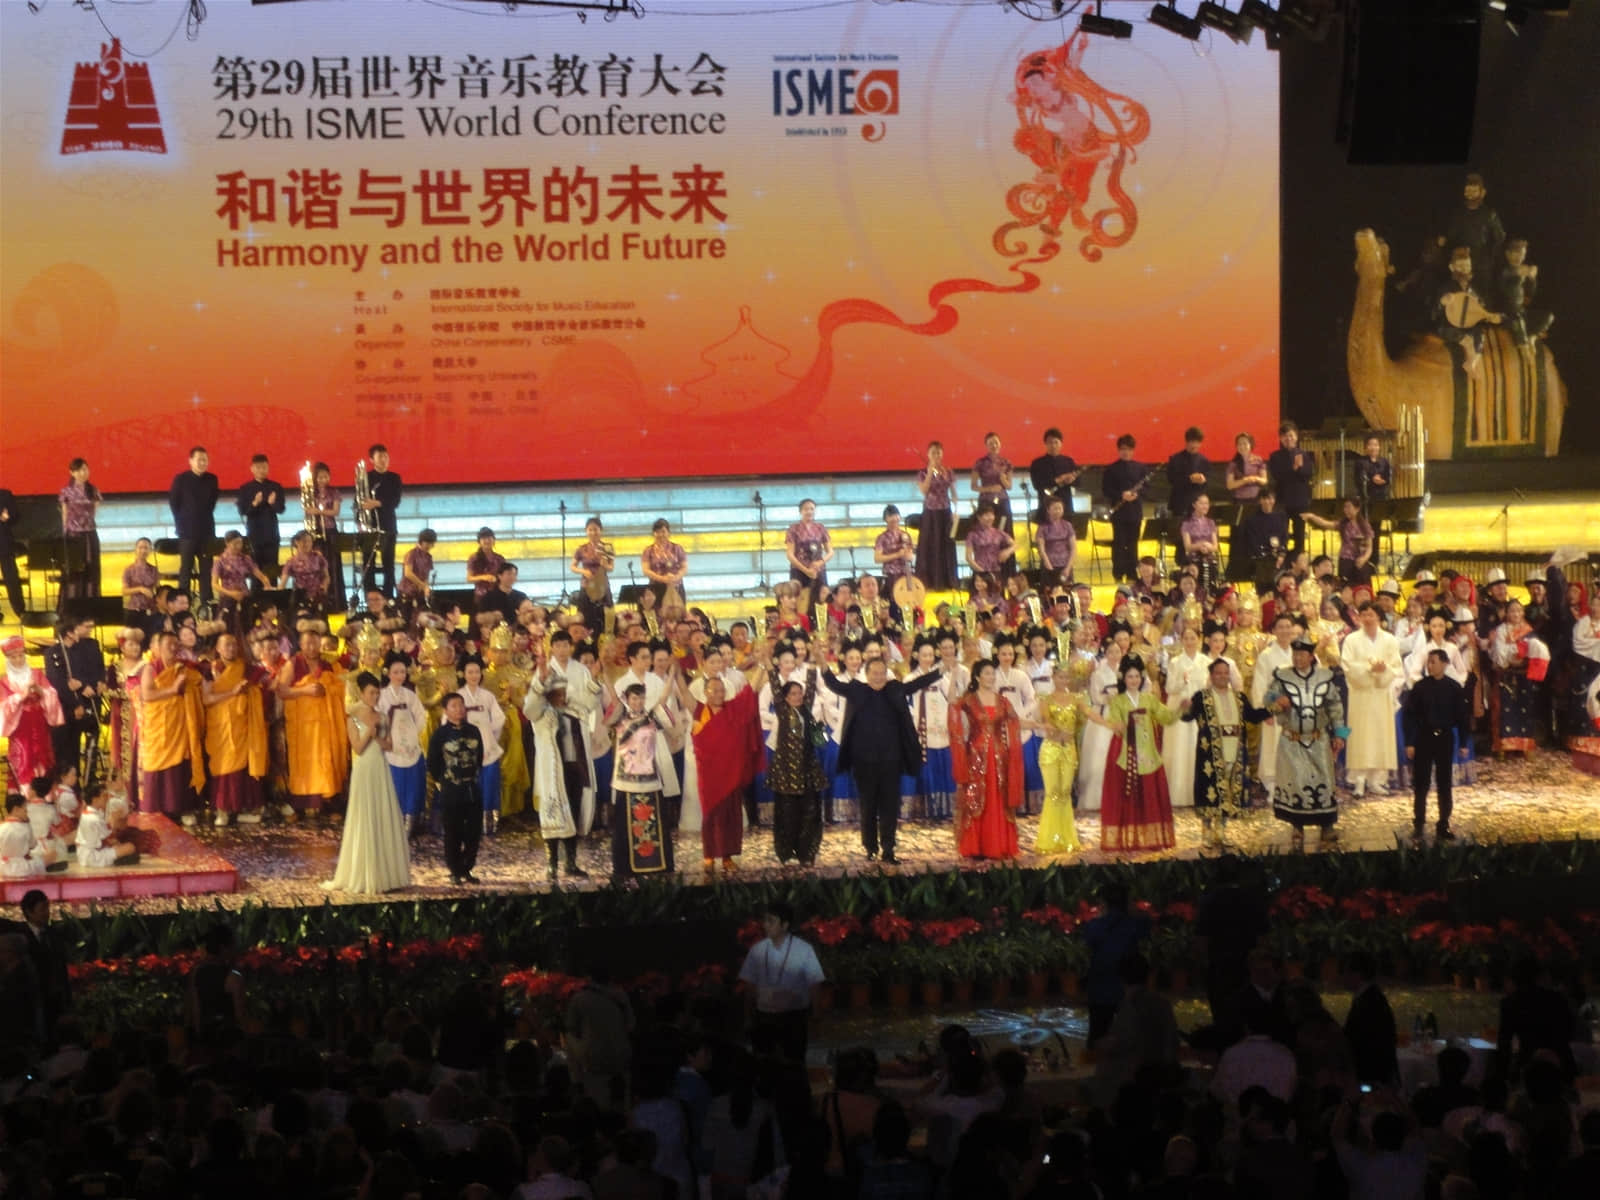 第29届世界音乐教育大会